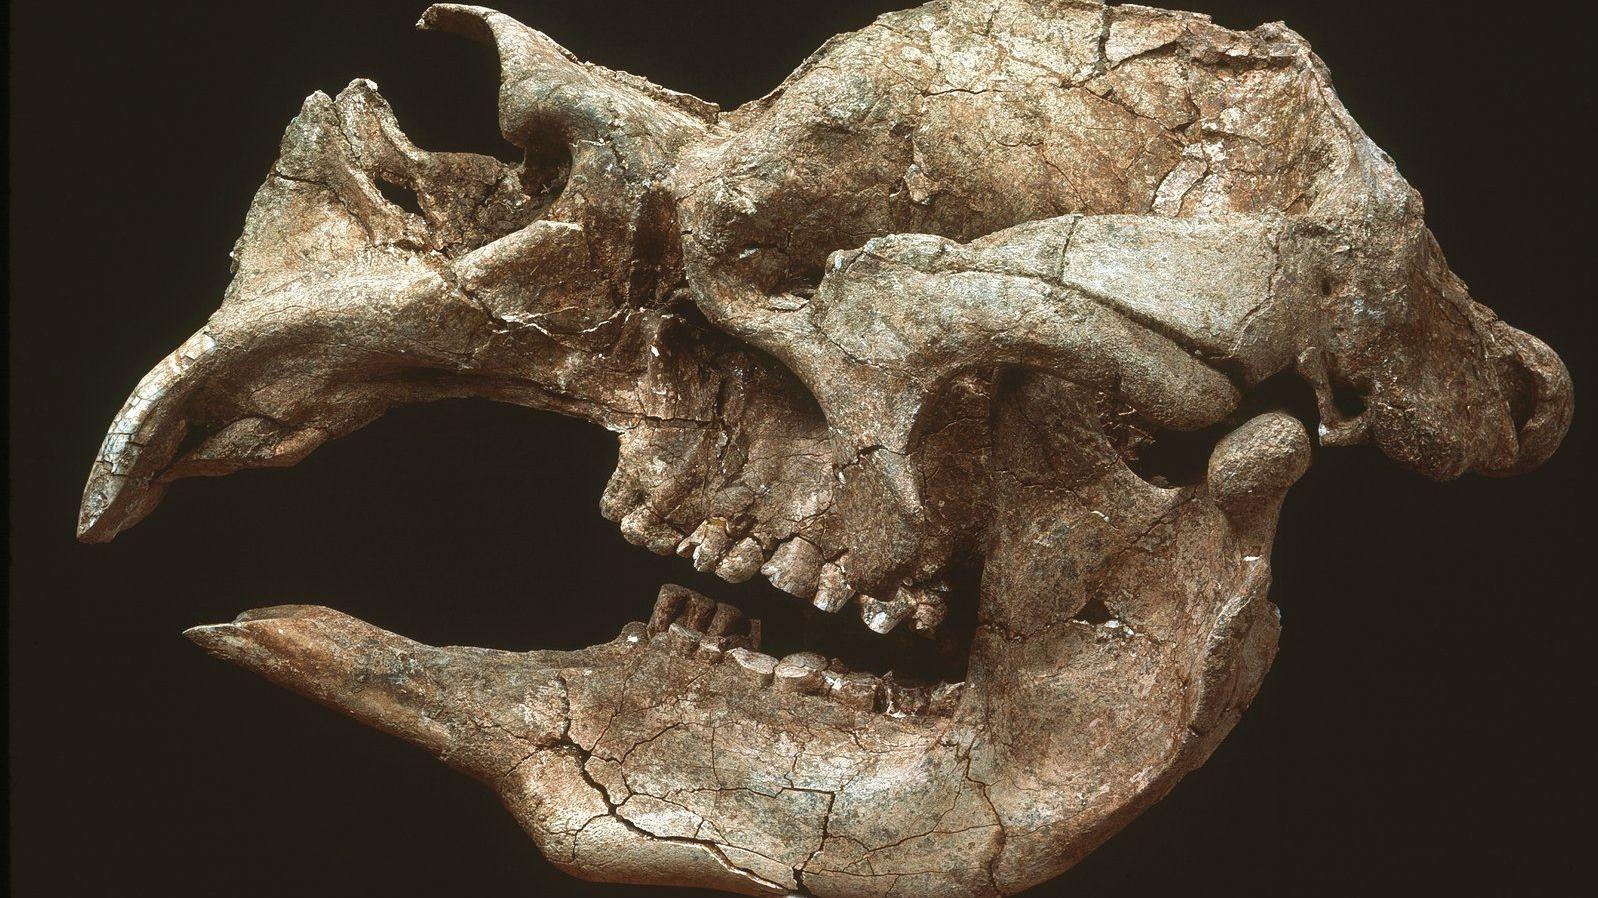 Schädelknochen eines Riesenwombats mit beachtlich großen Schneidezähnen.